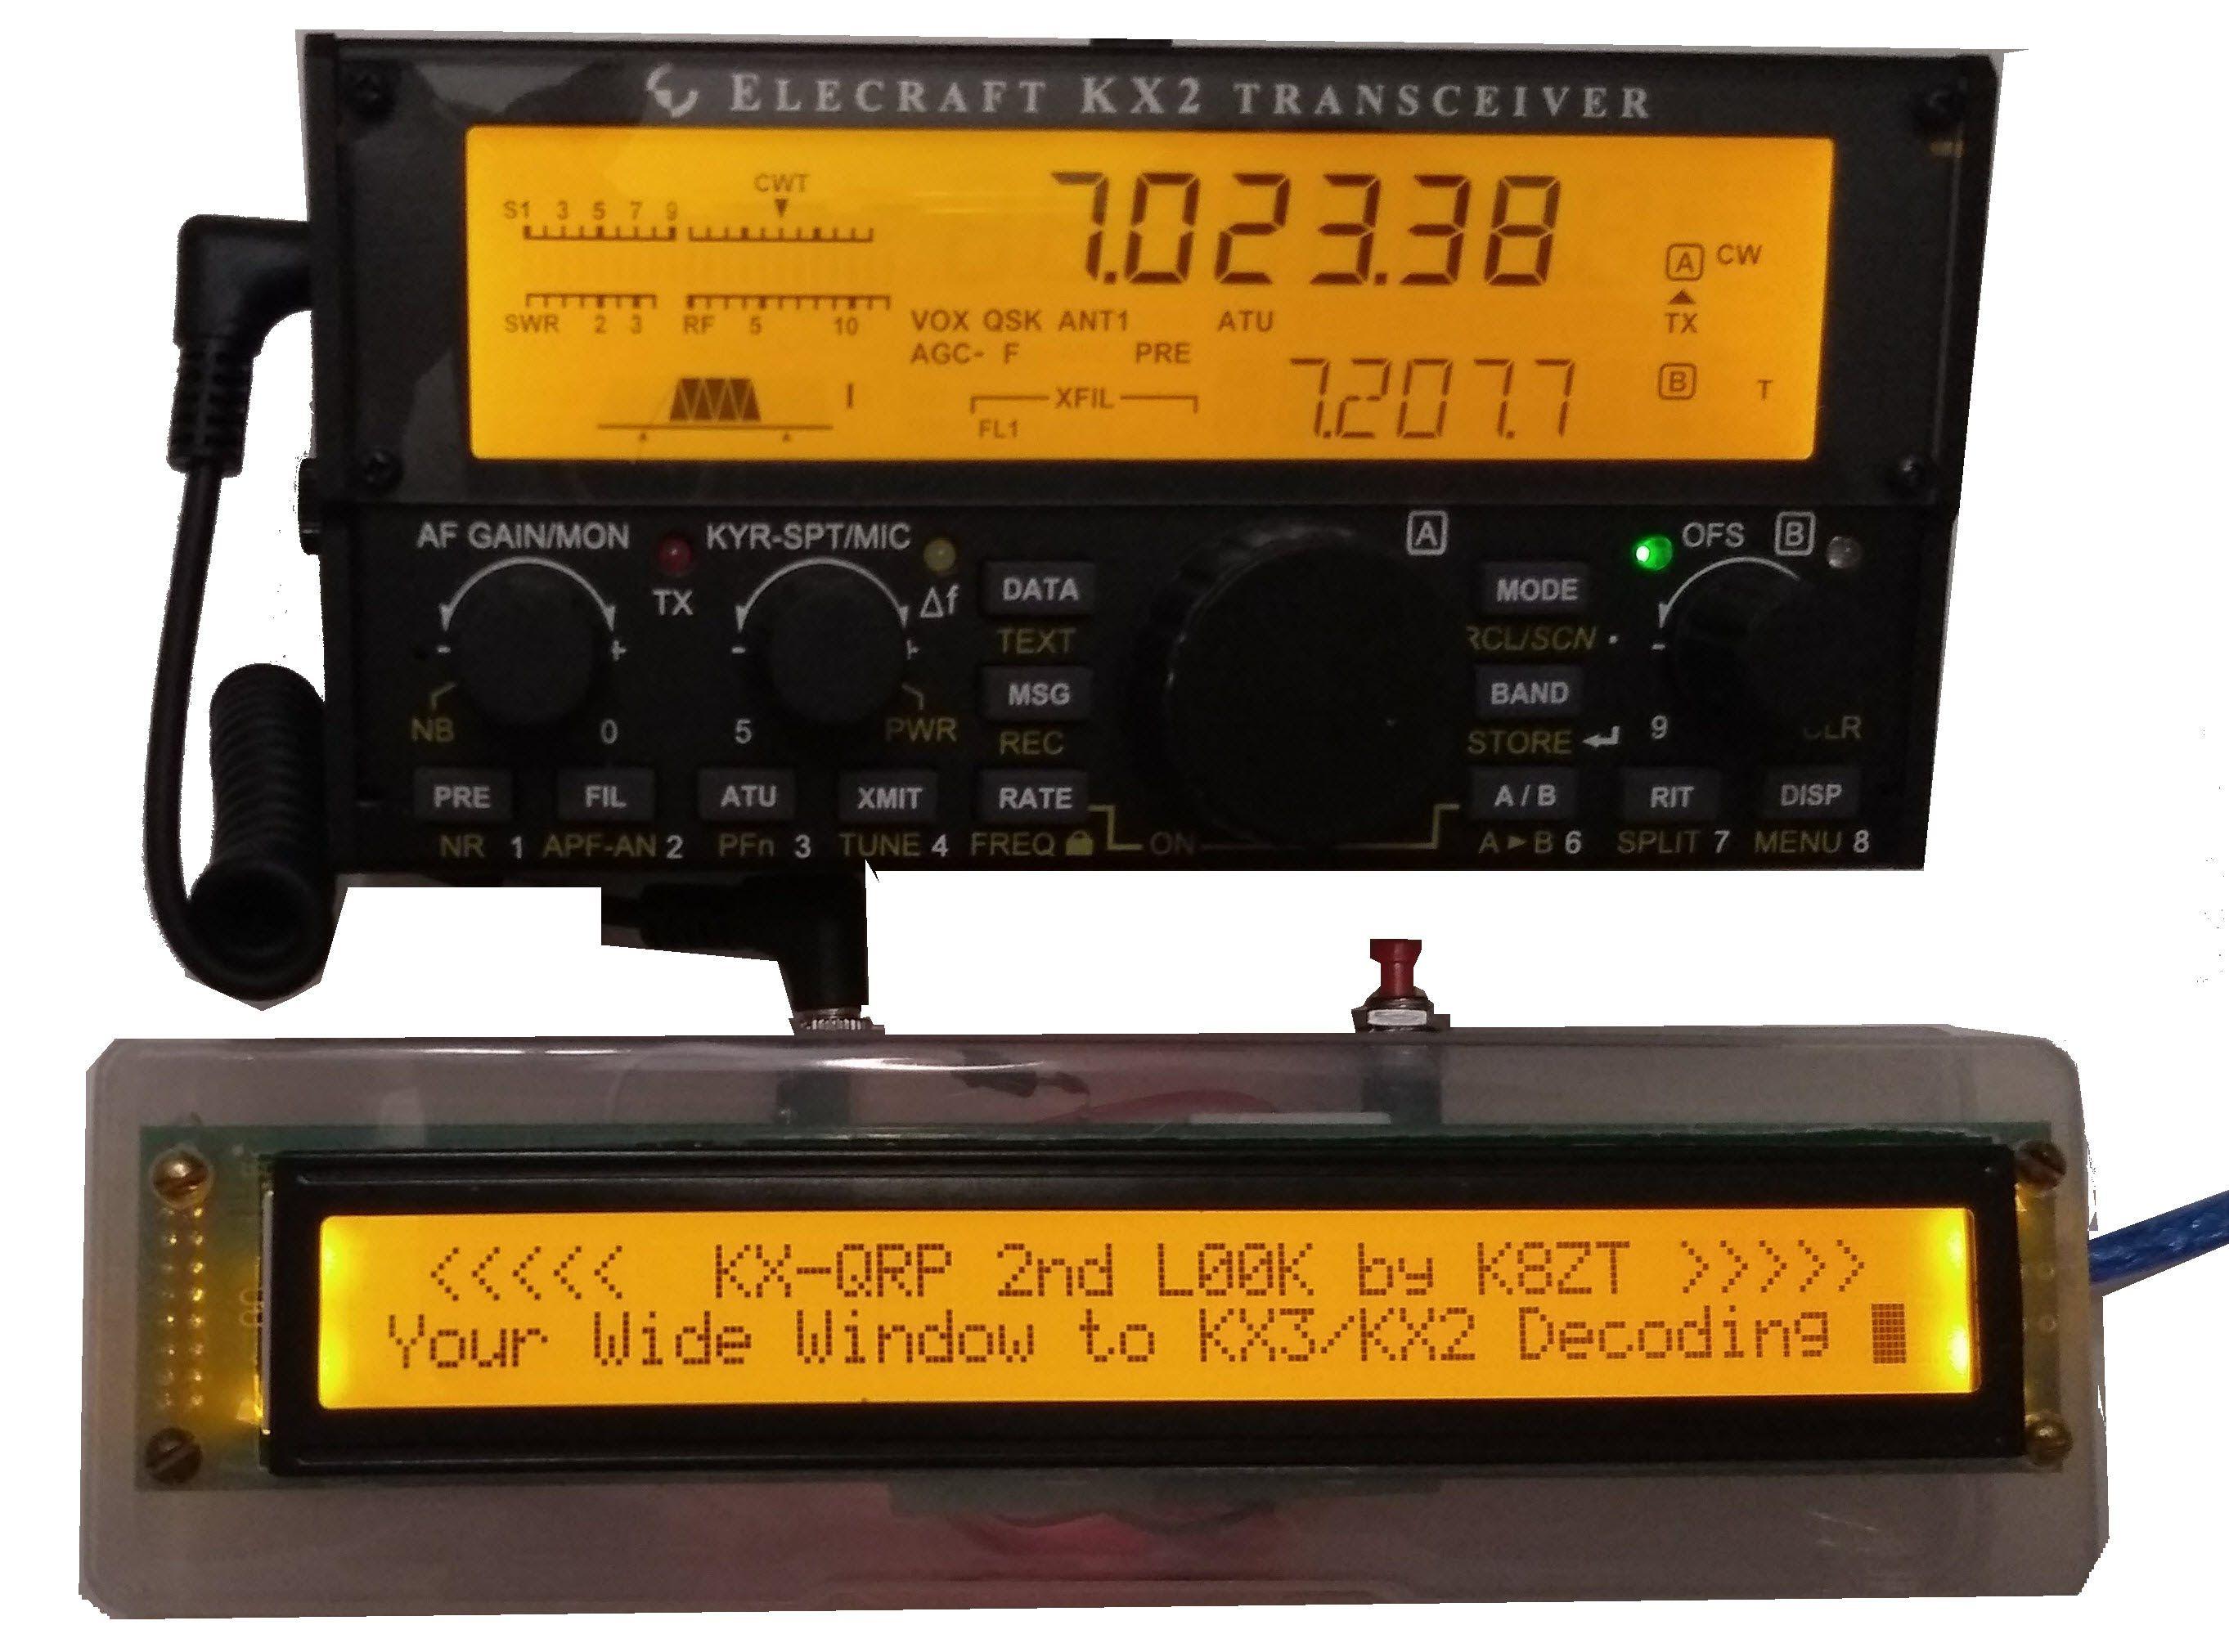 2ndlook - K8ZT Amateur Radio | Elecraft | Ham radio, Office